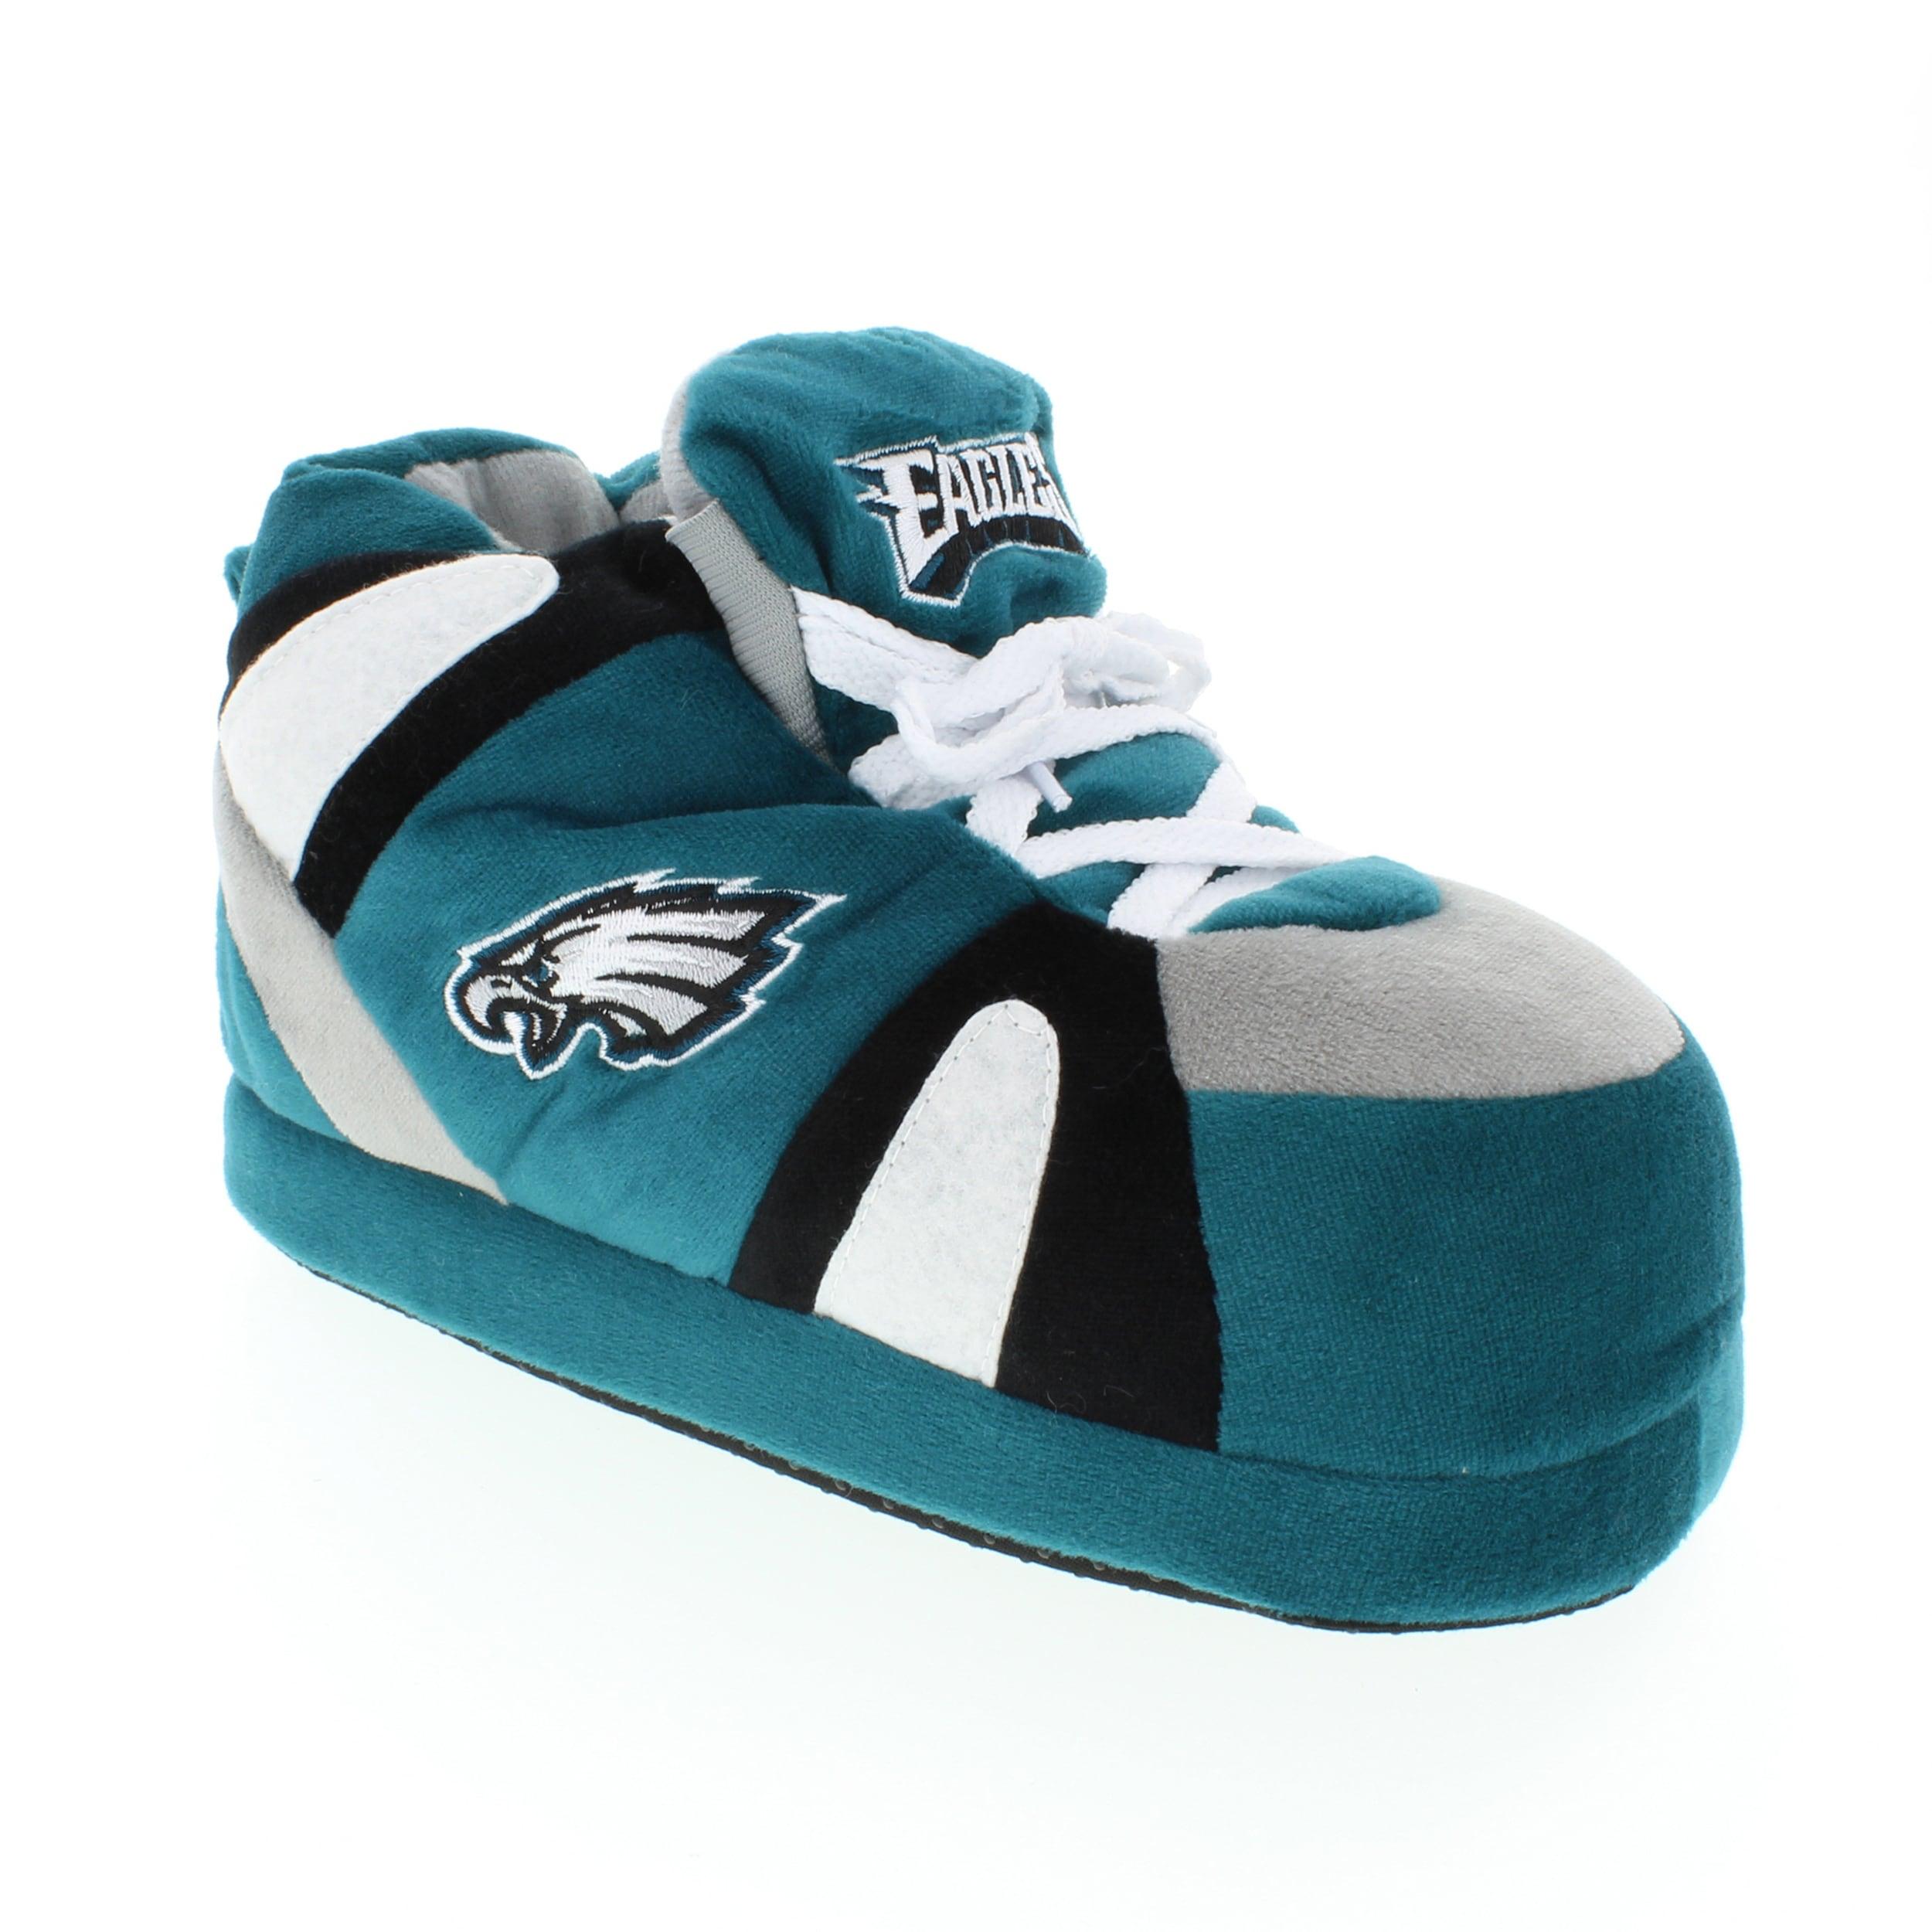 Comfy Feet Philadelphia Eagles Unisex Sneaker Slippers (S...